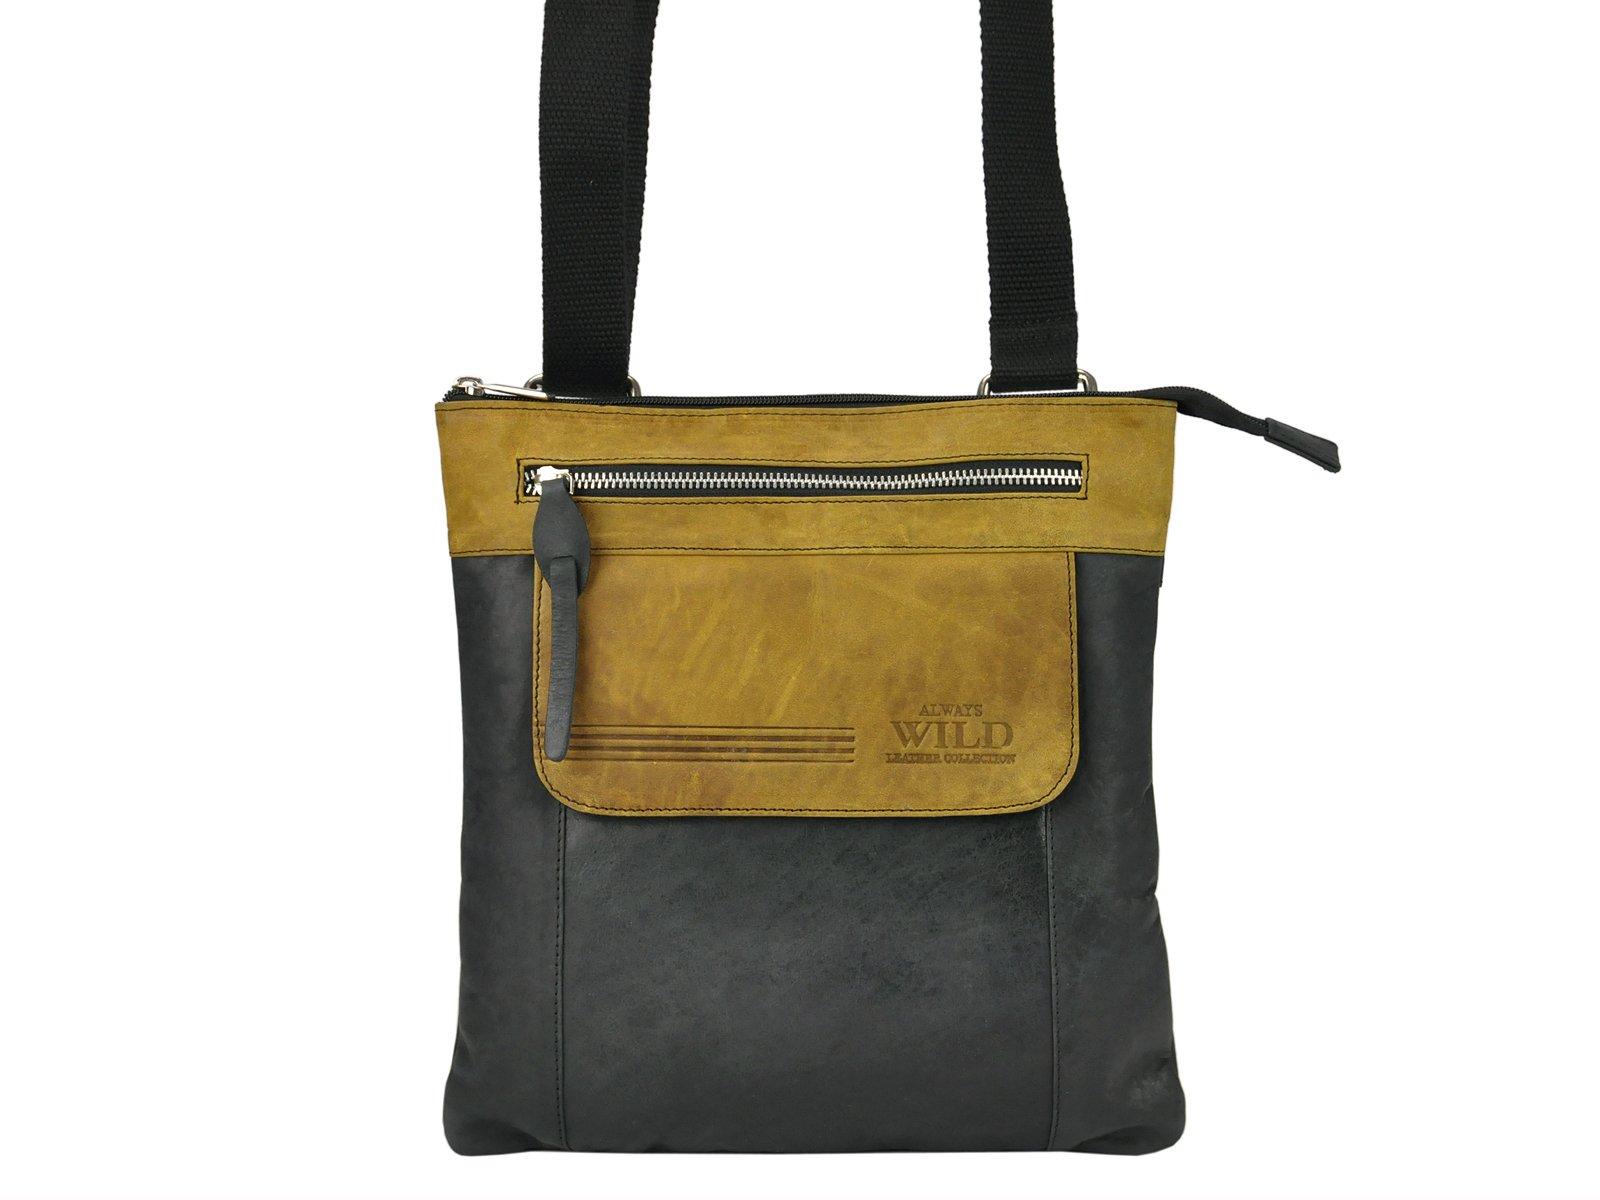 0237e7ae10421 Zaujímavá kožená taška na rameno Always Wild BAG-4-HB